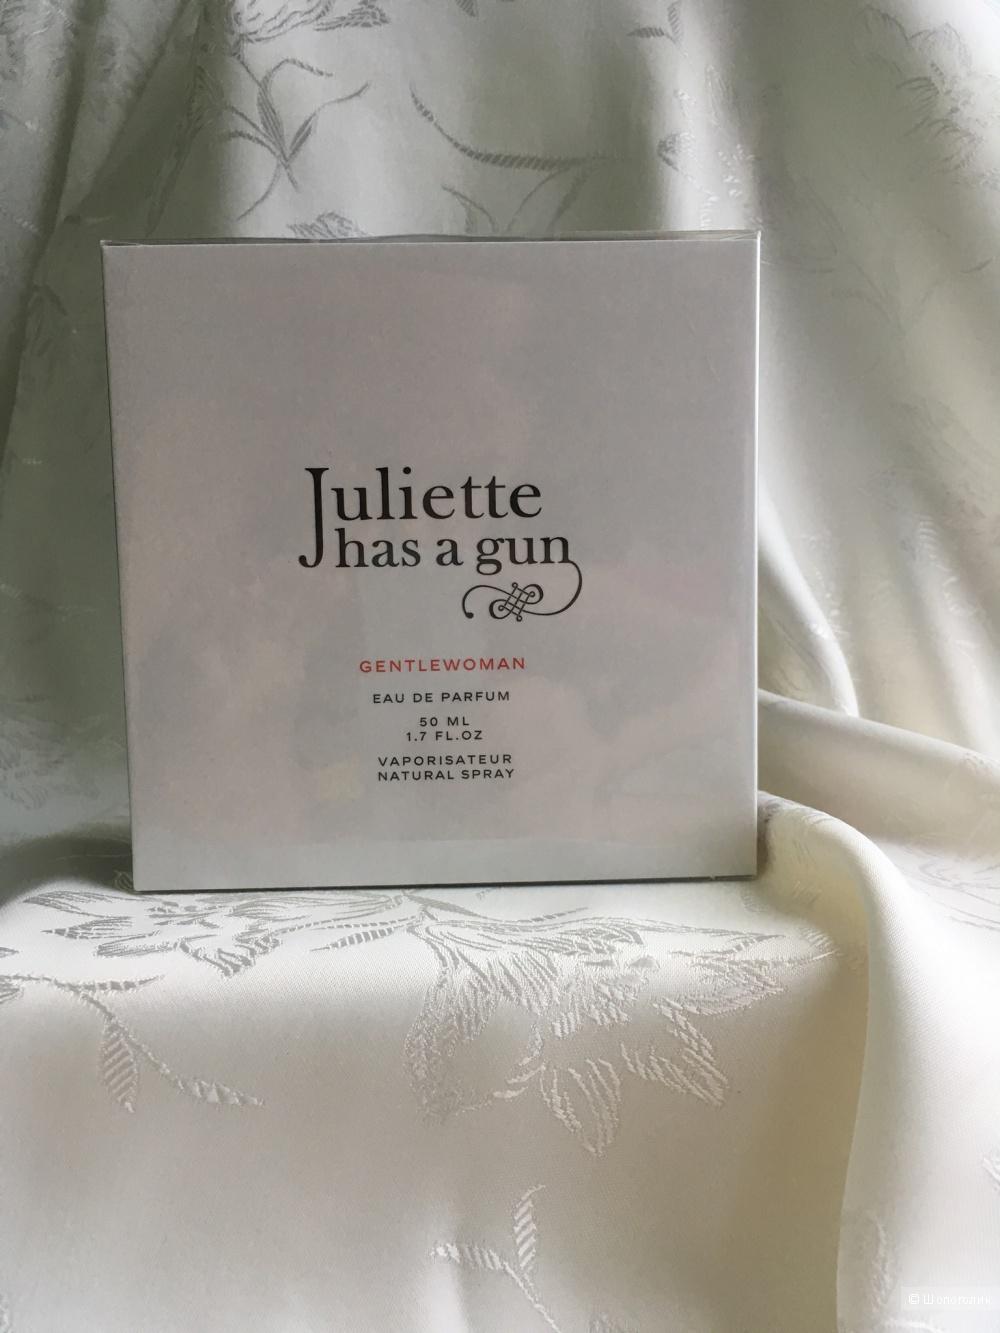 Парфюм Gentlewoman, Juliette has a gan, 50ml